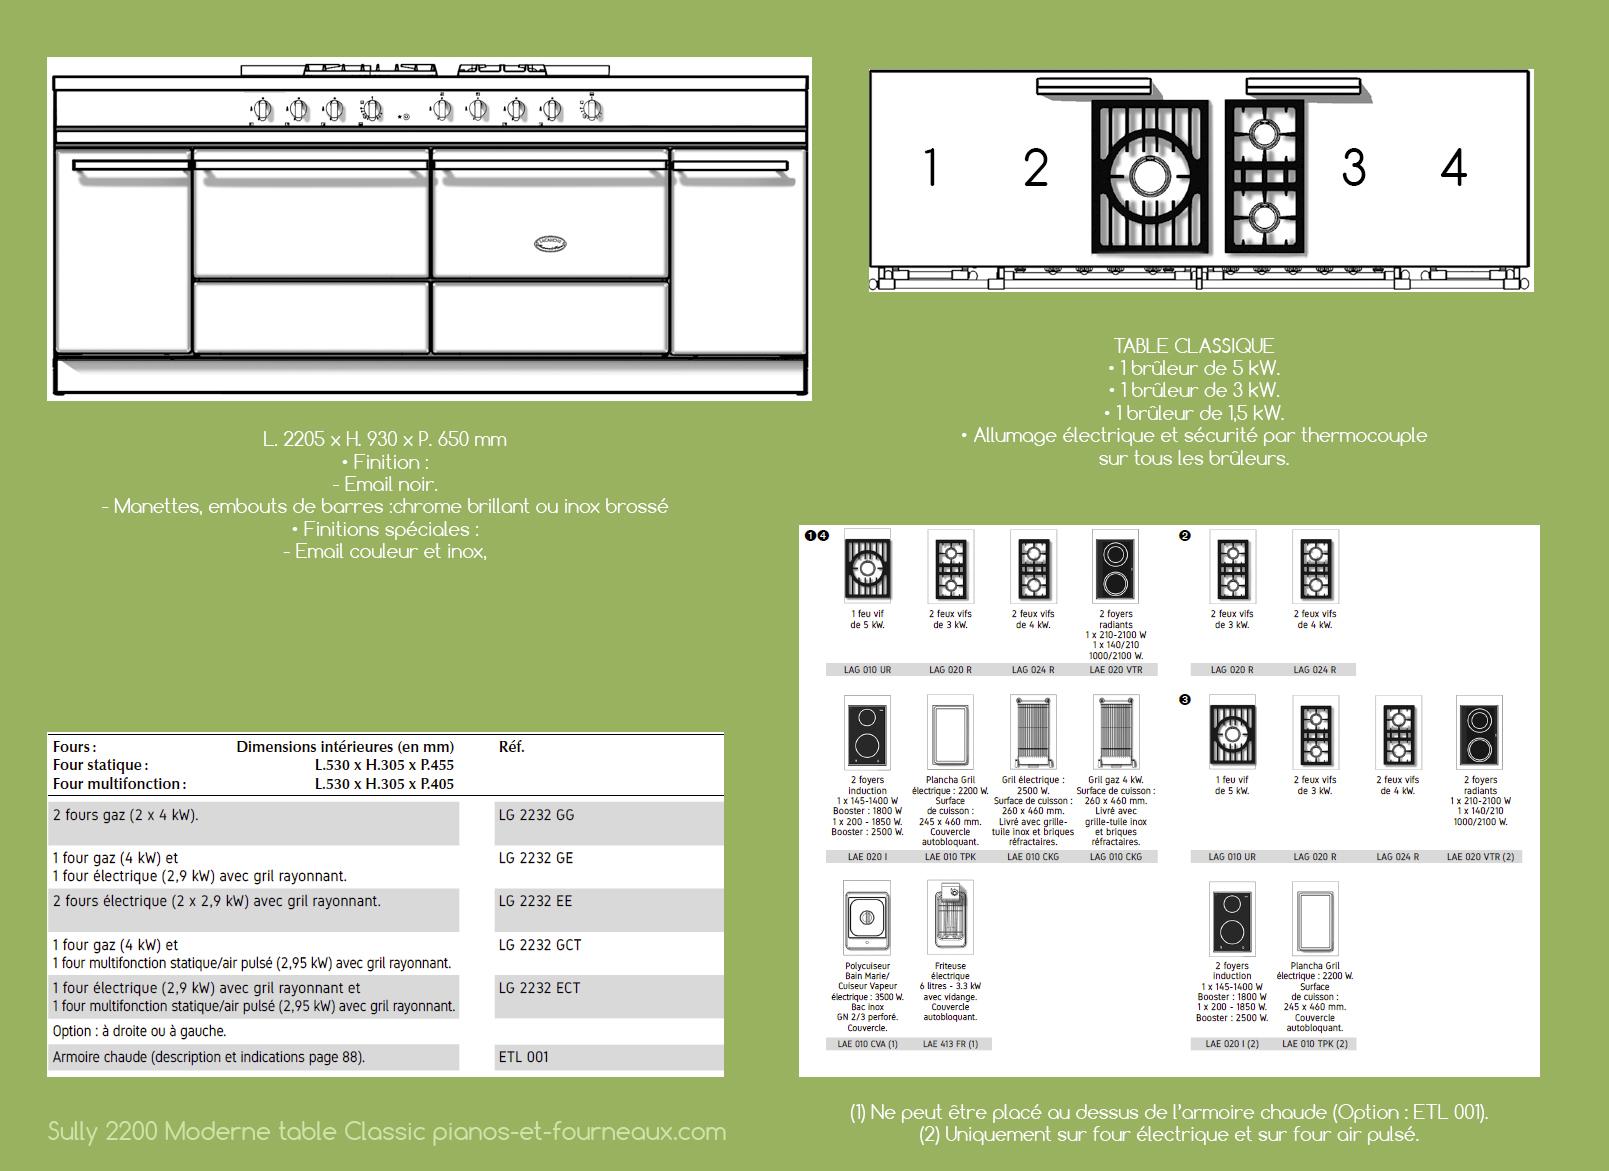 Sully 2200 Moderne table Classique configurations possibles - pianos-et-fourneaux.com le spécialiste des pianos de cuisine et fourneaux de cuisson Lacanche